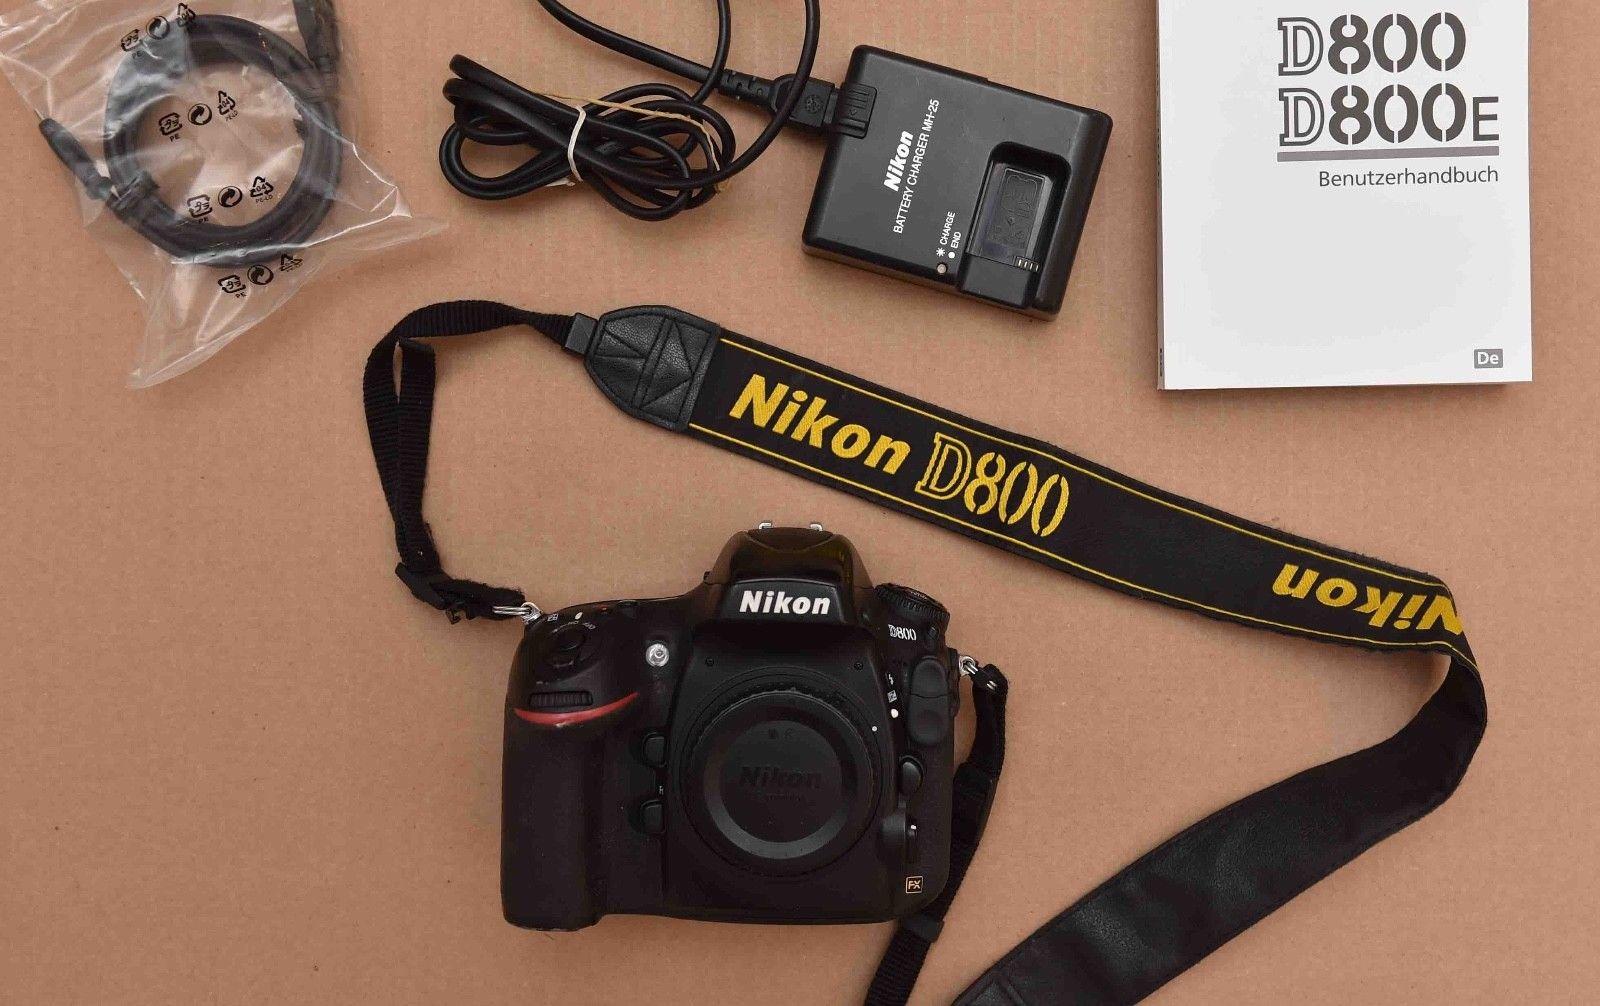 Nikon Entfernungsmesser Xxl : Nikon entfernungsmesser xxl bresser fotoadapter für condor